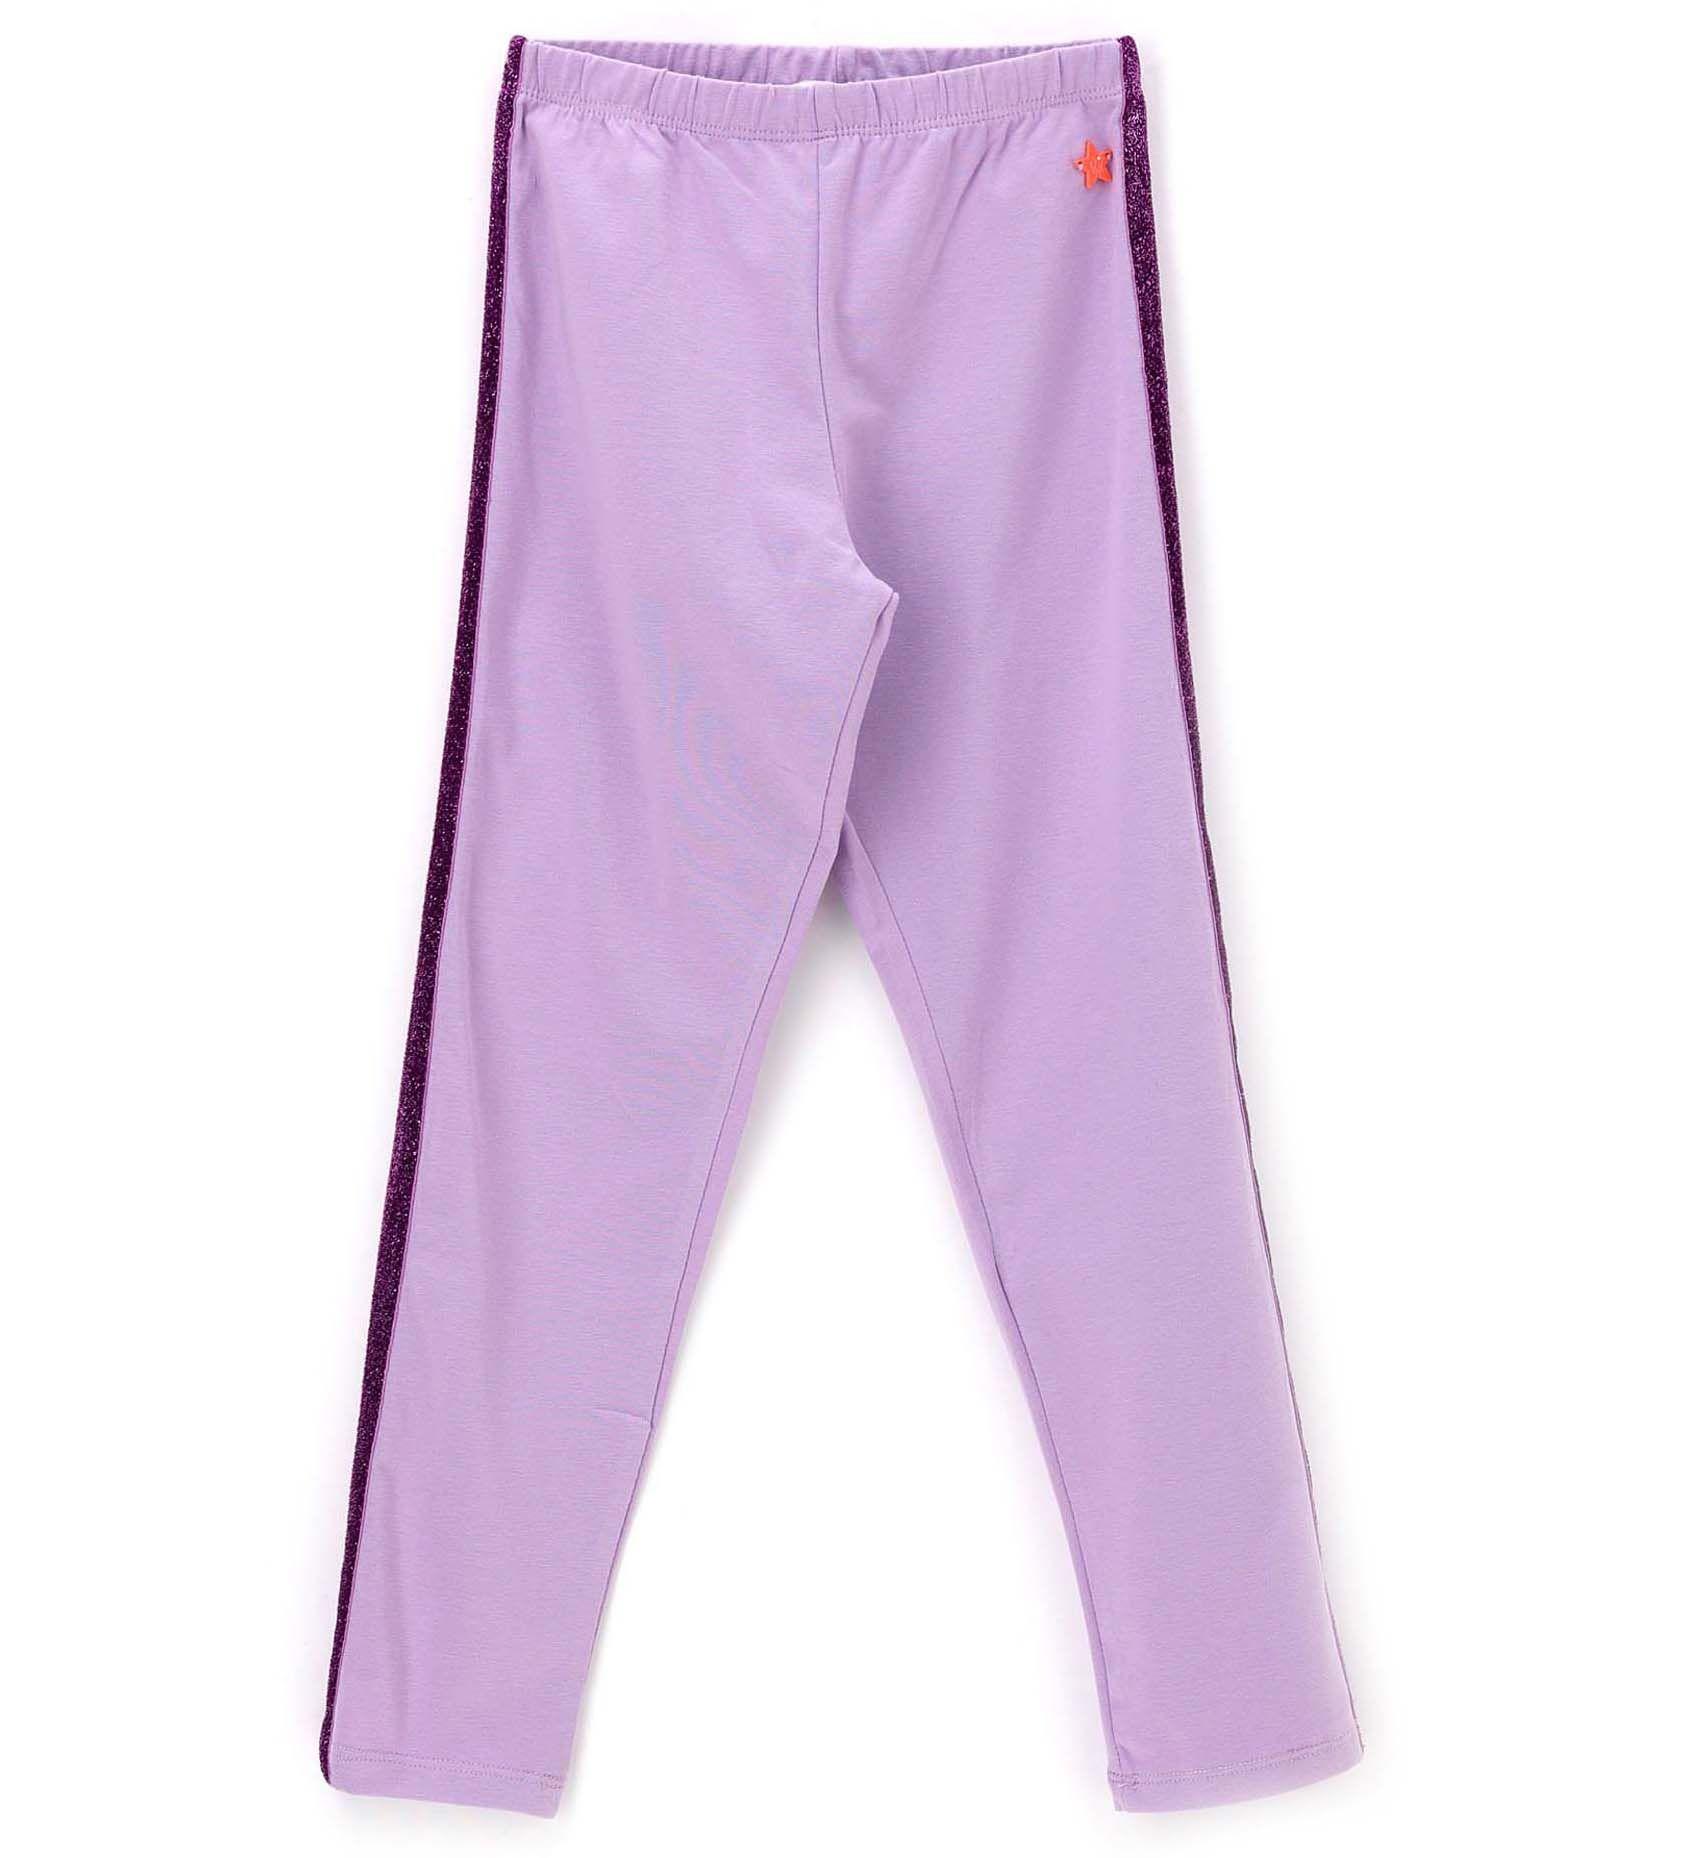 Купить Леггинсы Original Marines, фиолетовый, 104, Девочки, весна